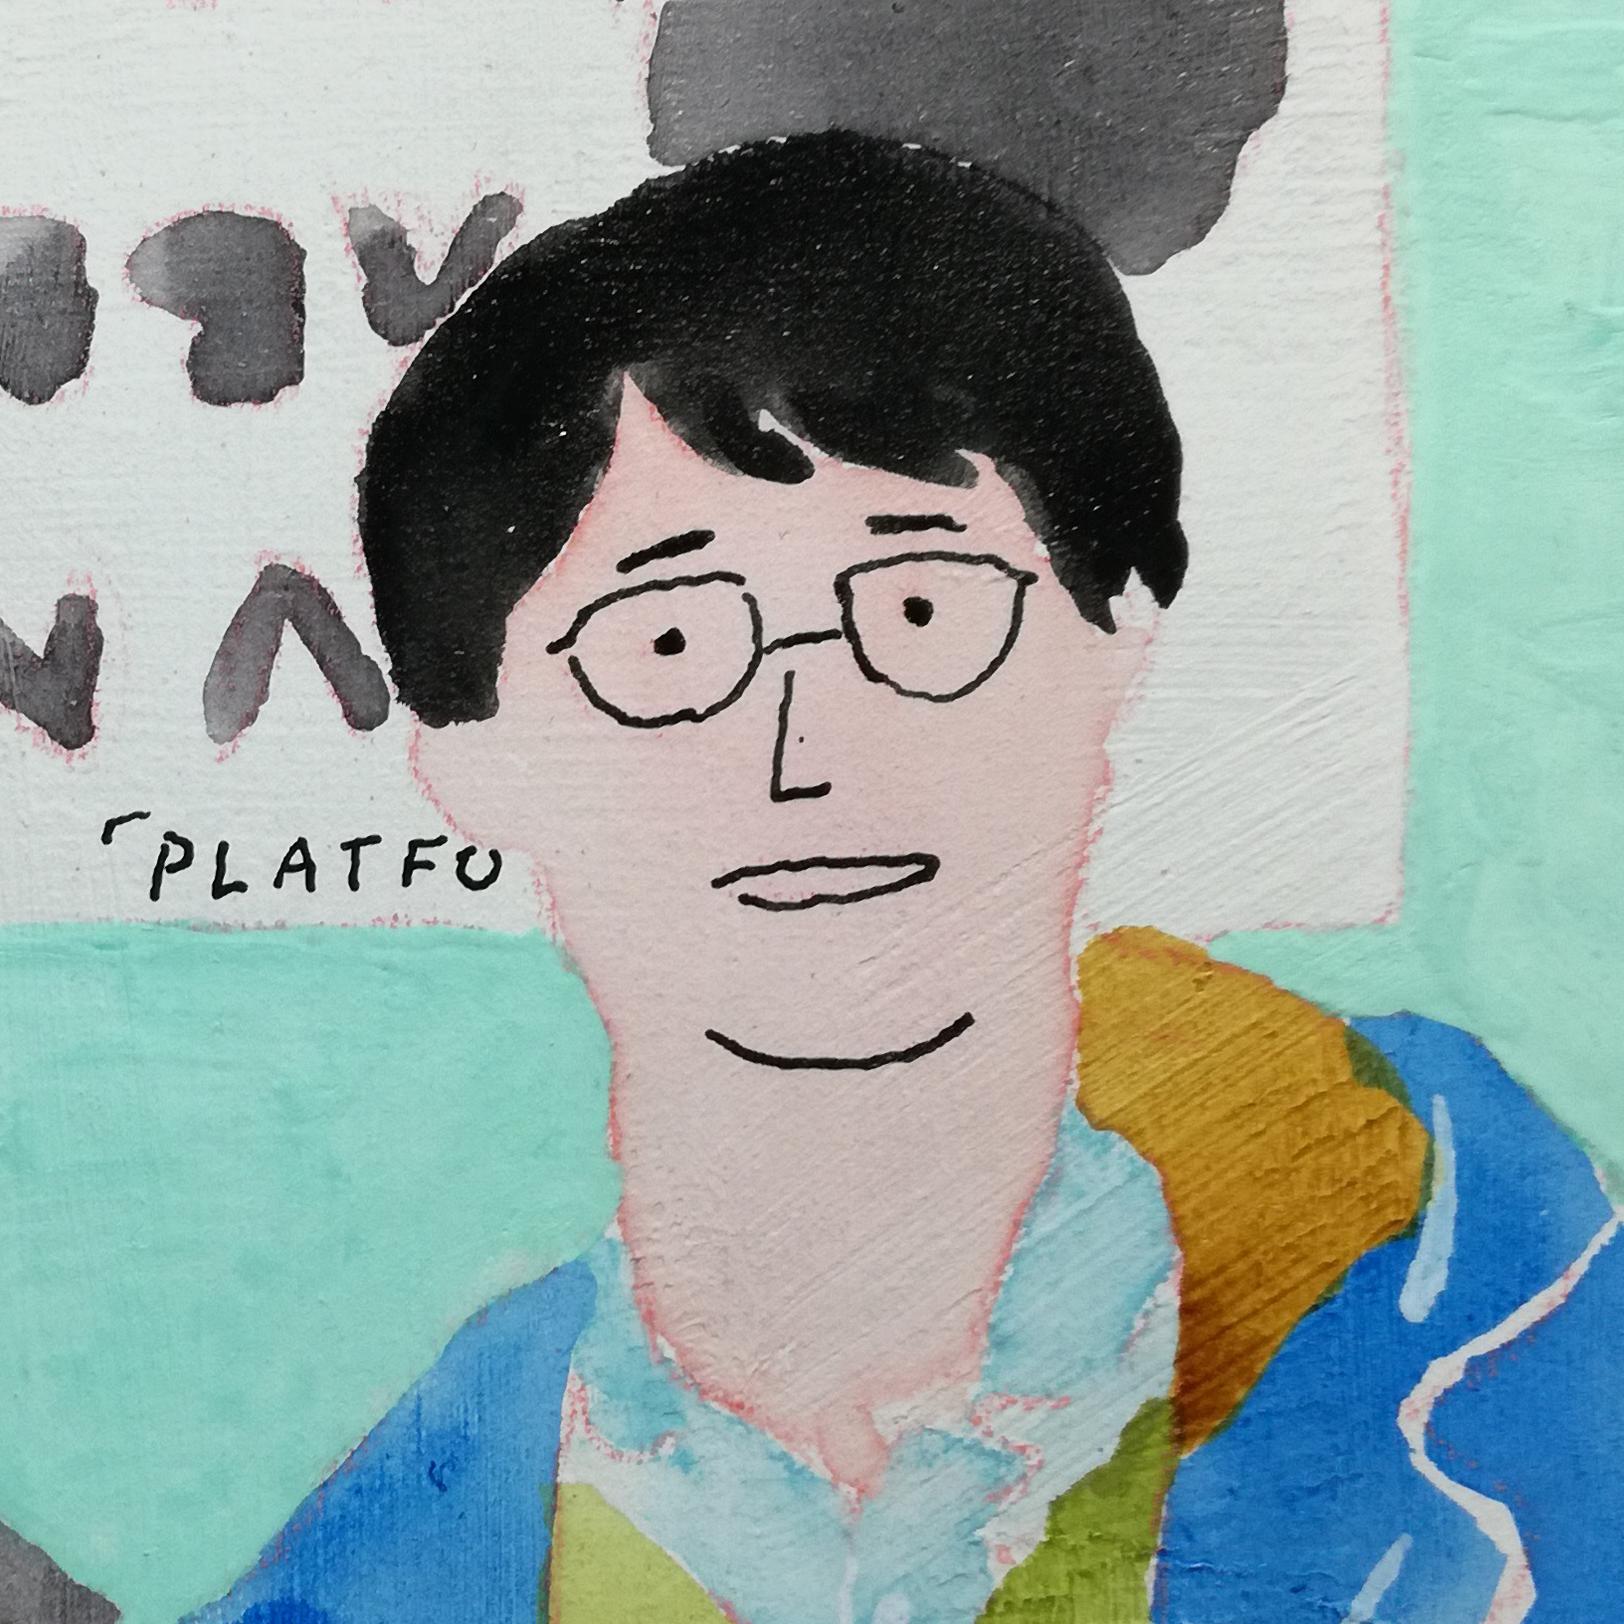 ワークショップ「次はどーなる!? アニメで作ろう☆絵のつづき」(8つのフーガ展関連事業)